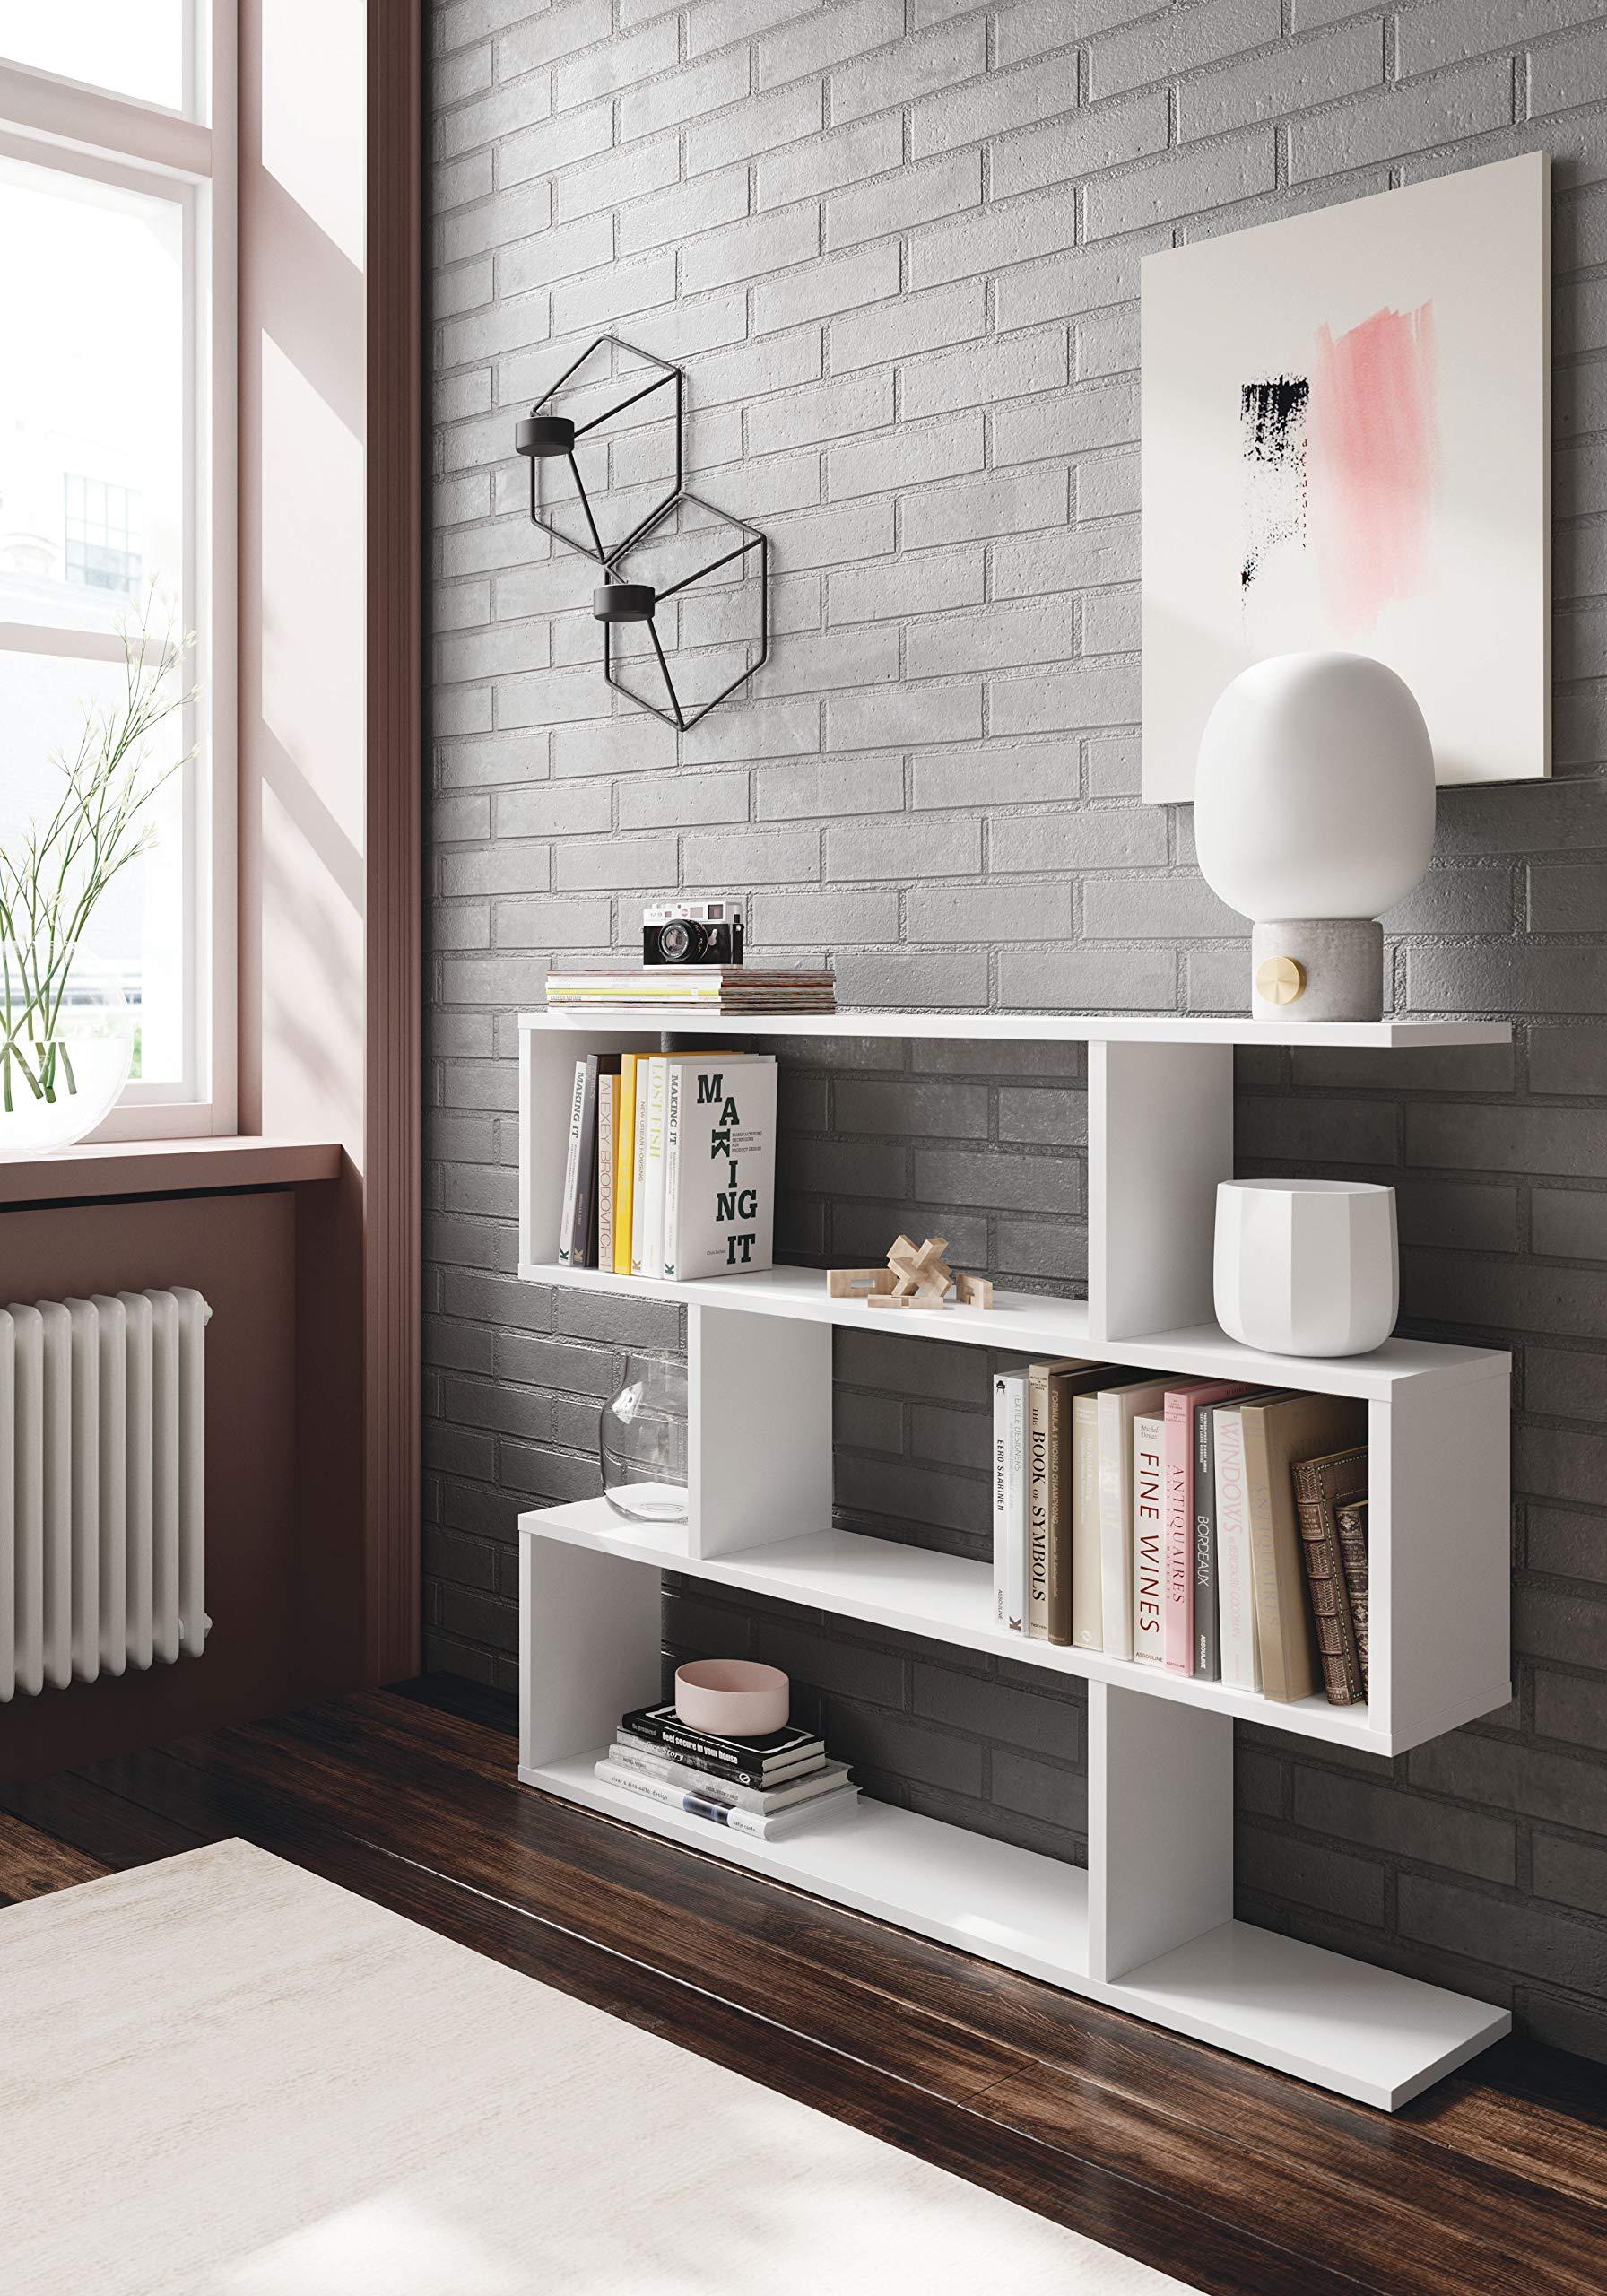 Colore Bianco EGLEMTEK Libreria Friburgo Design Scaffale Mensola Moderna Bianca Mobile per Libri con Ripiani per Soggiorno Salotto 110 x 97 x 25 cm